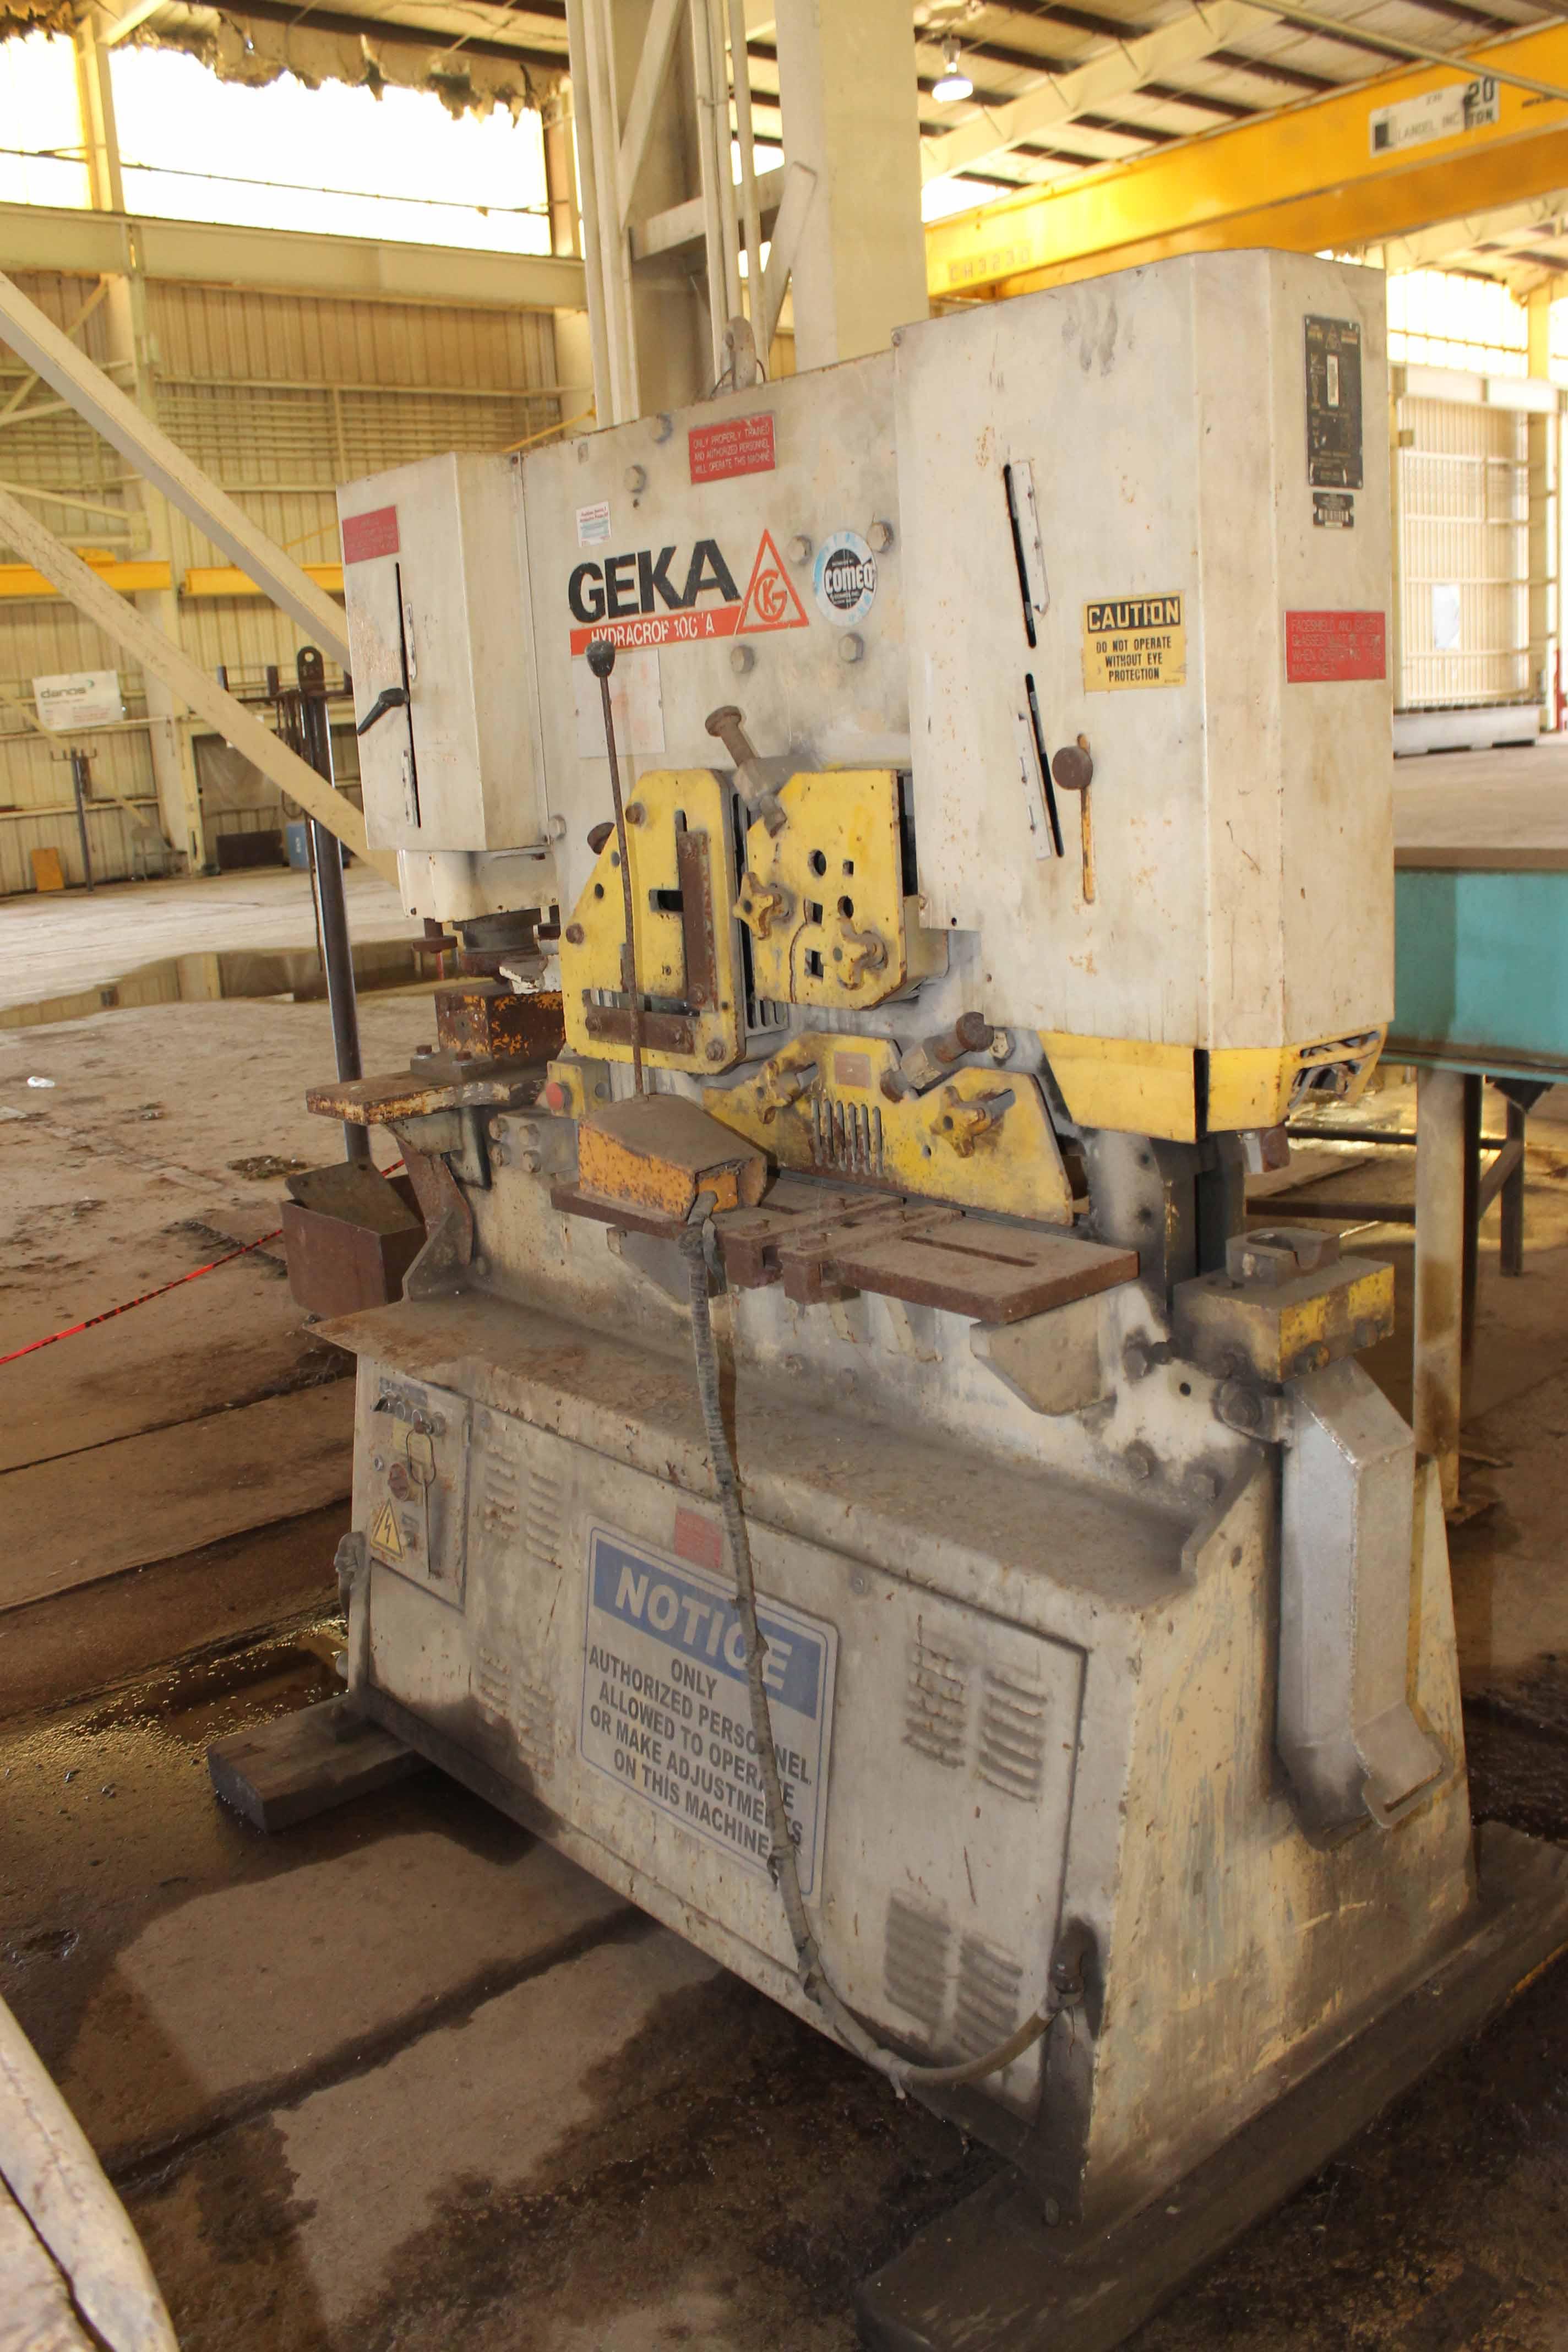 Lot 29 - Hydraulic Ironworker, Geka Mdl. Hydracrop 100/A, 100 ton punching cap., hydraulic (